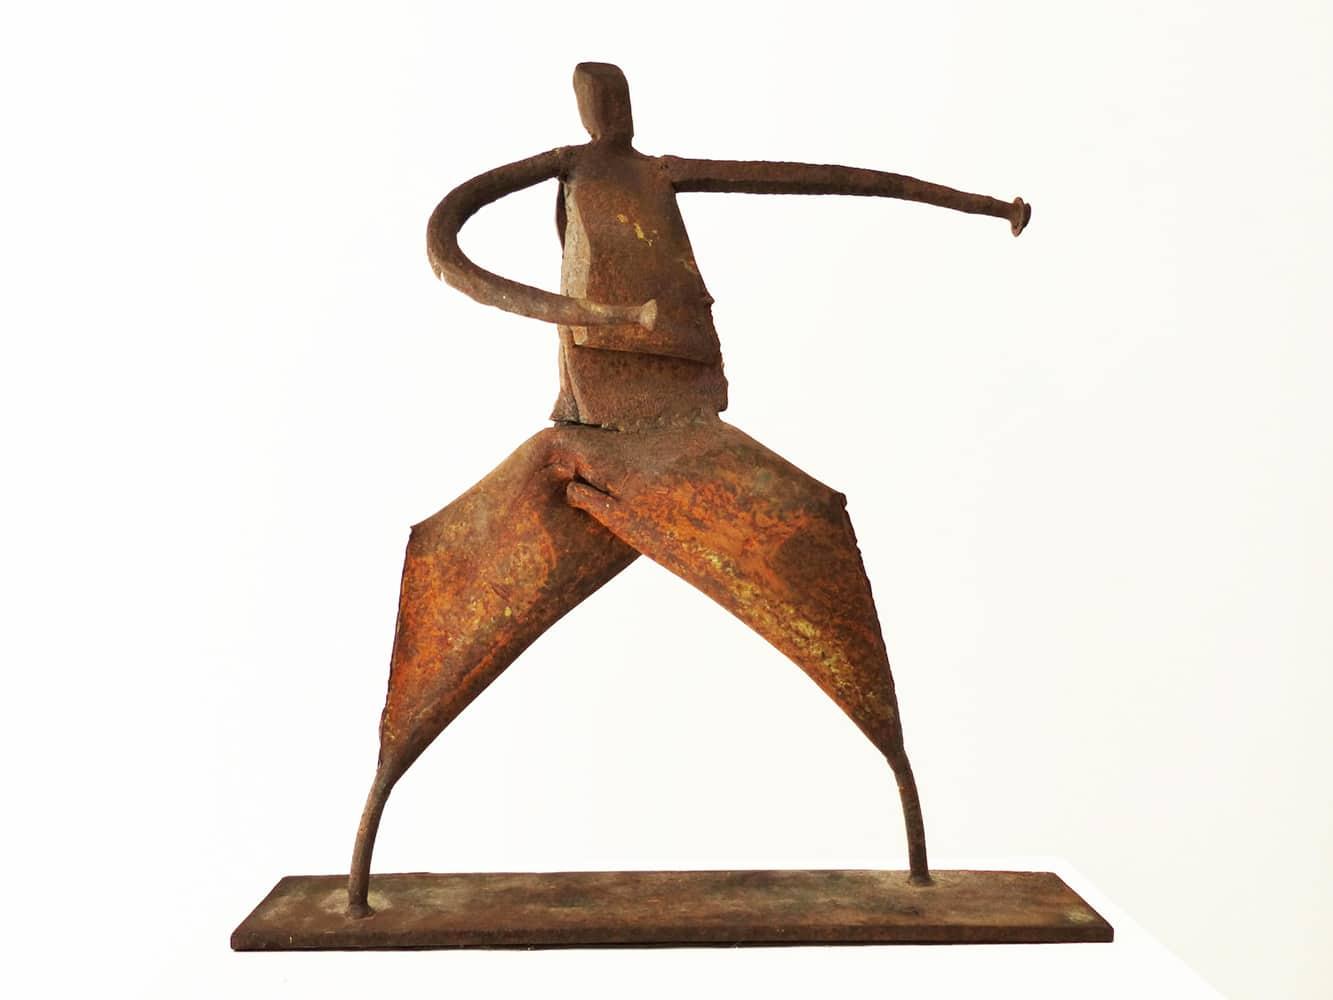 Chris-Kircher-Skulptur-aus-Stahl-die-Kaempferin